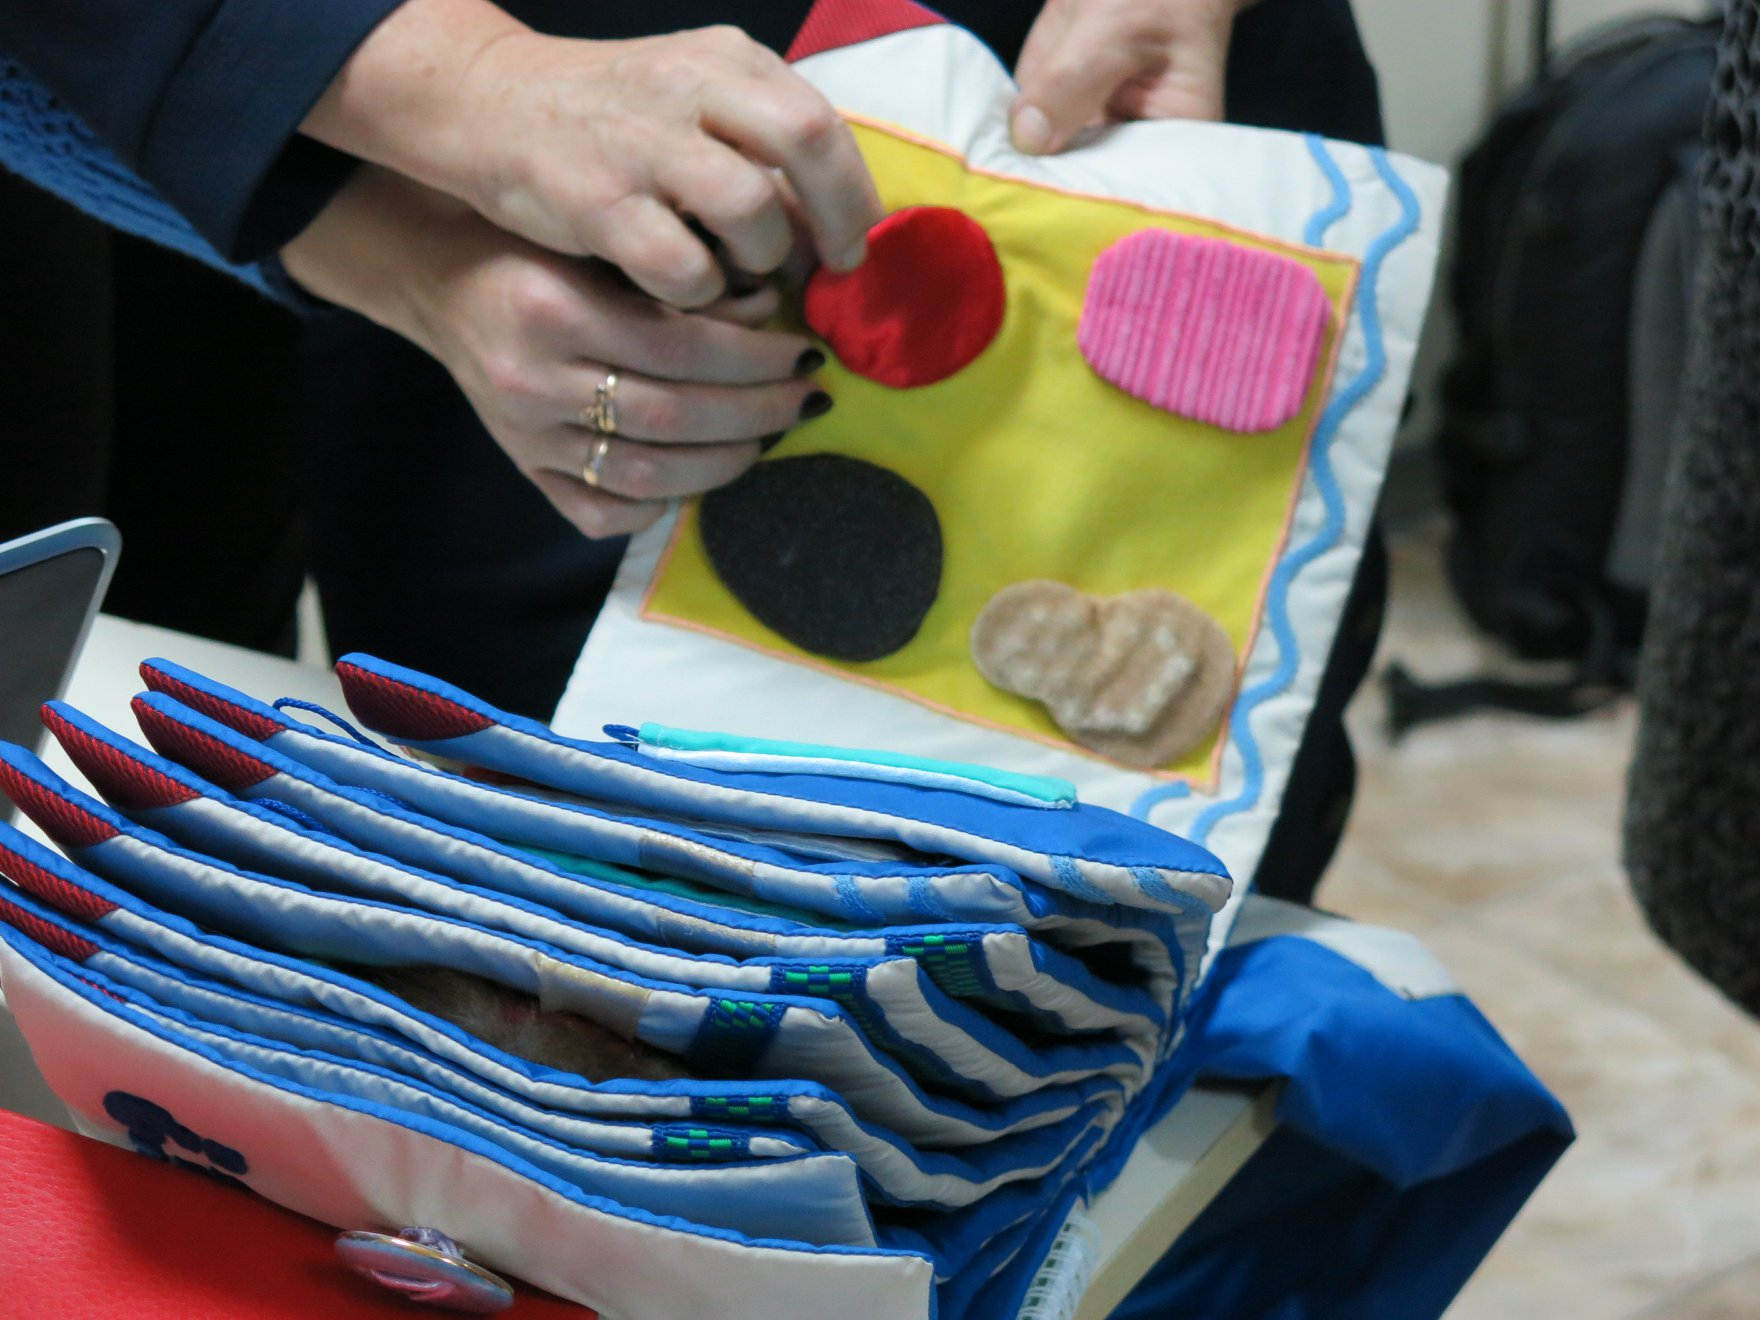 Unser Foto zeigt ein Tastbuch, das unterschiedliche Materialien zum fühlenden erkunden anbietet.